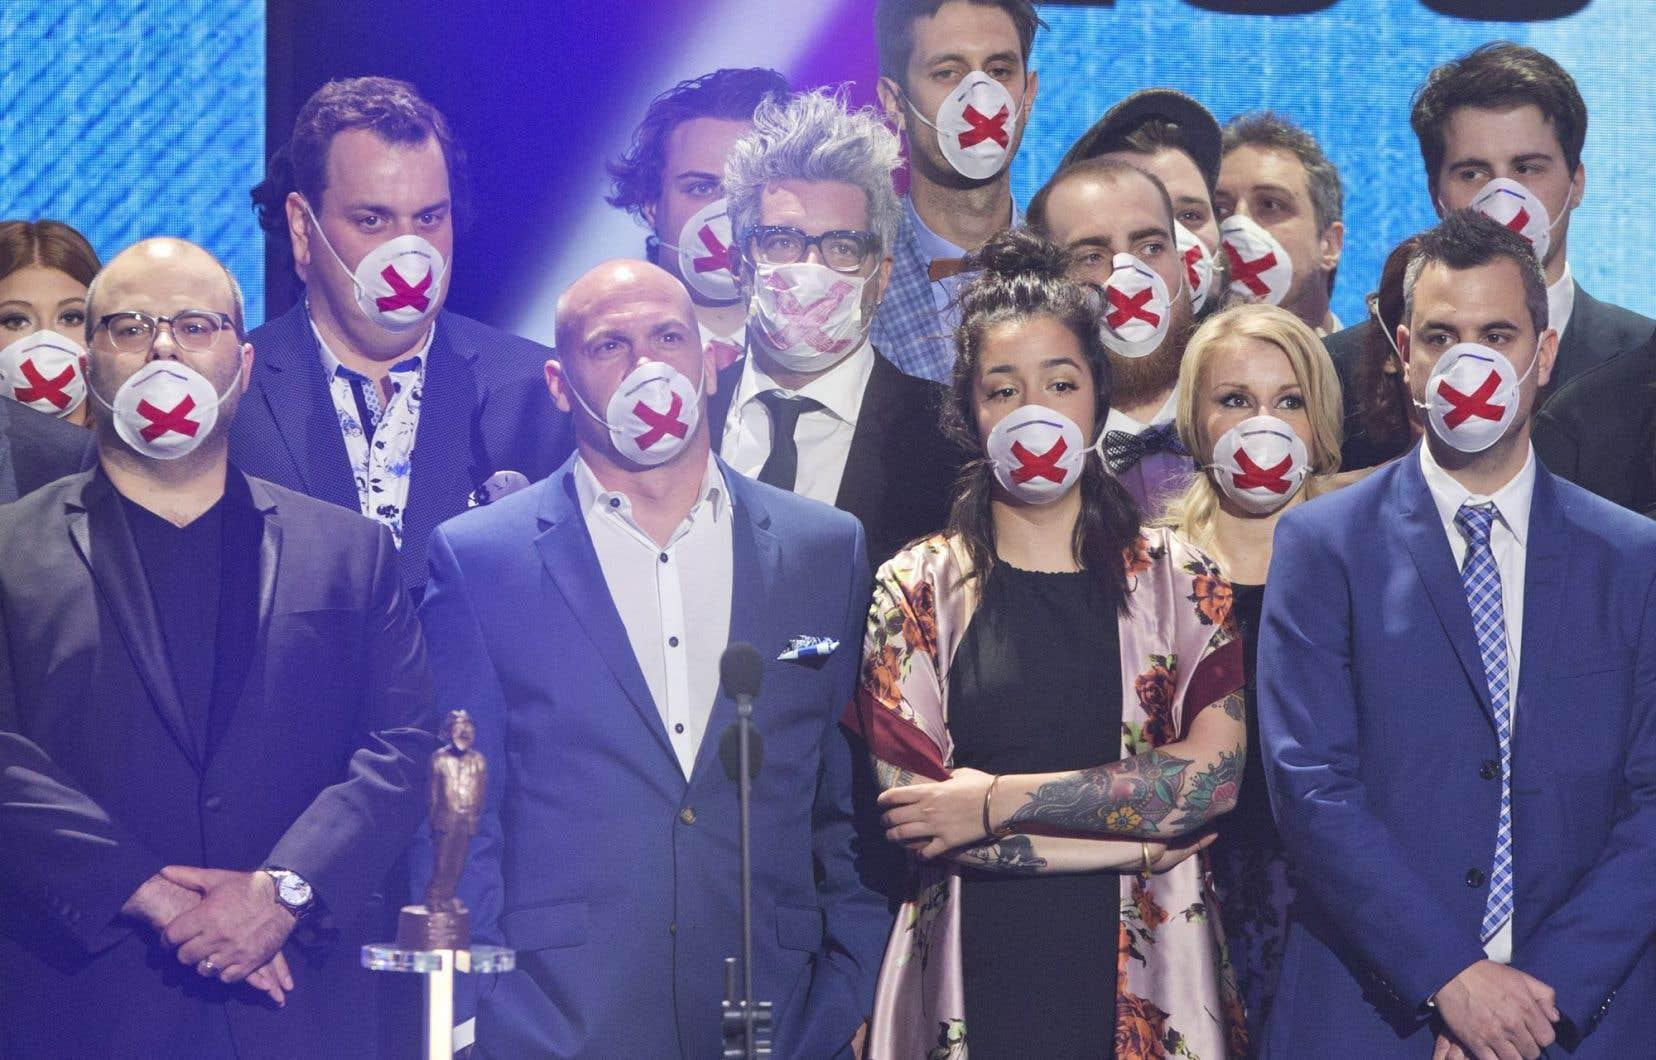 Les humoristes masqués sont montés sur la scène pour appuyer Mike Ward.